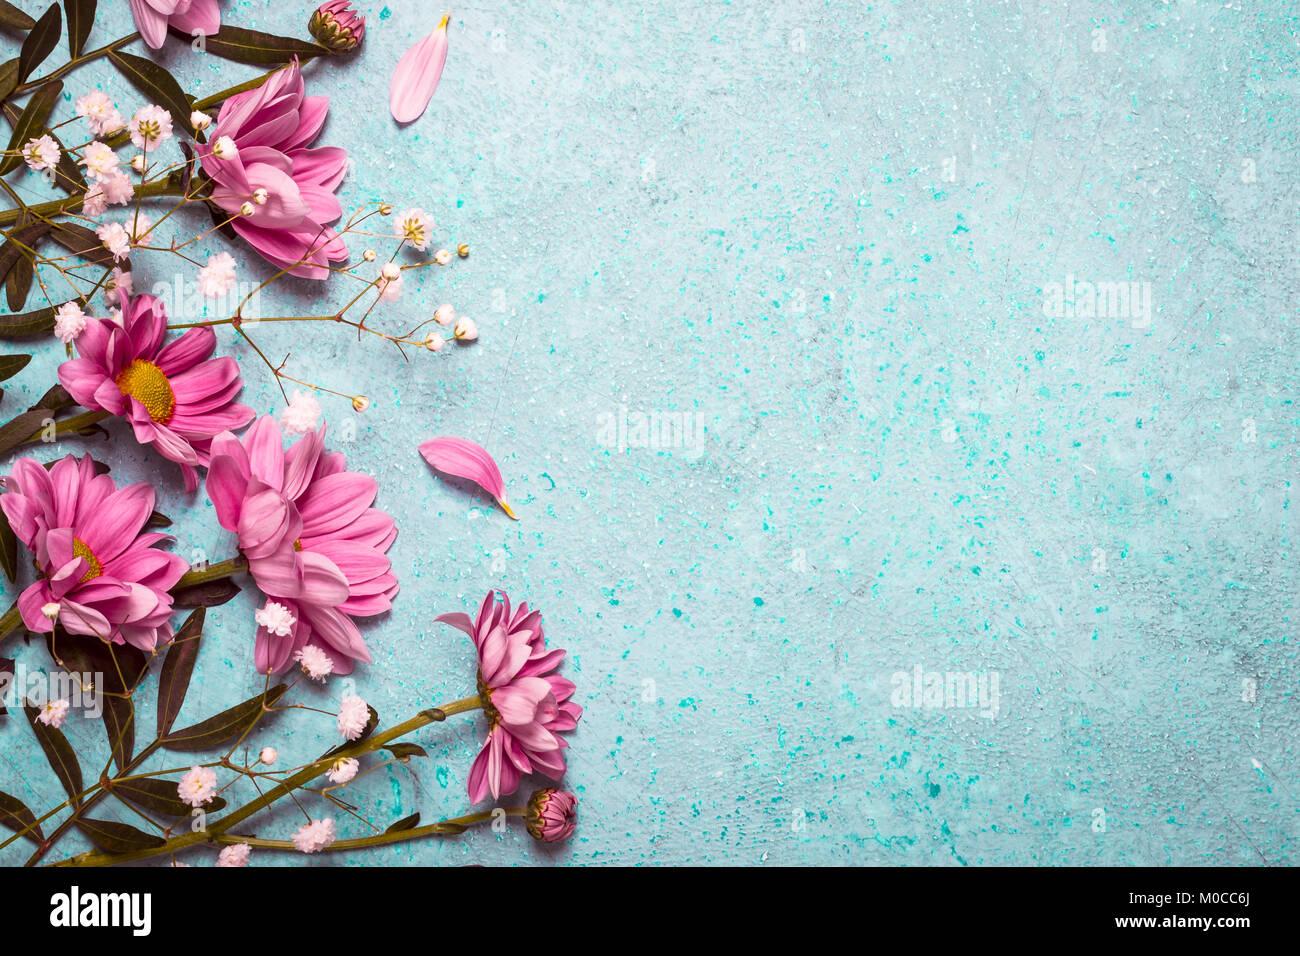 Fondo De Flores Vintage: Primavera Verano Naturaleza Creativa De Fondo. Flores De